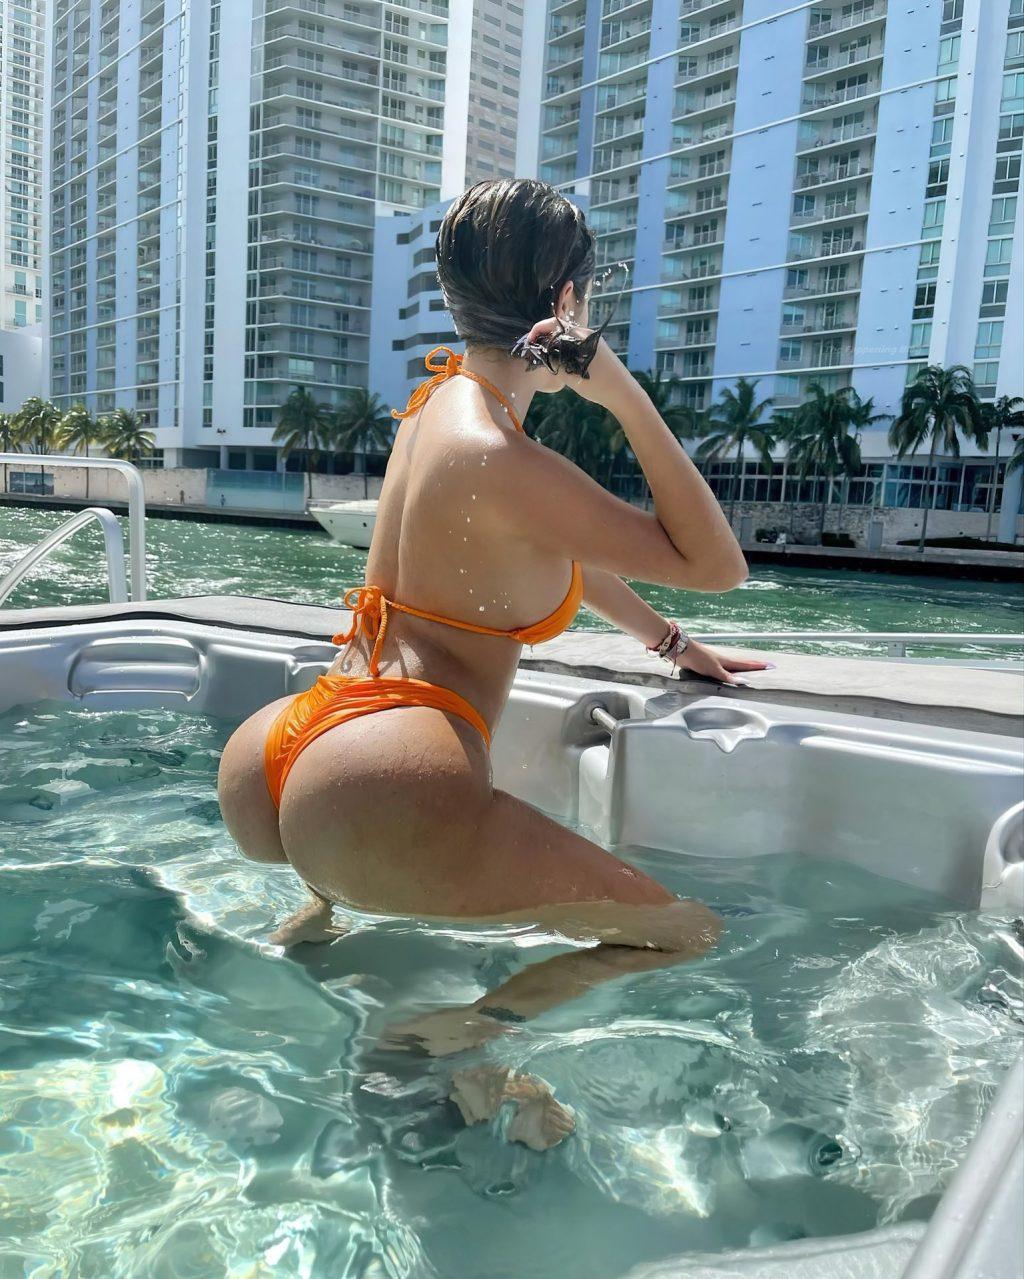 Courtney henggeler bikini